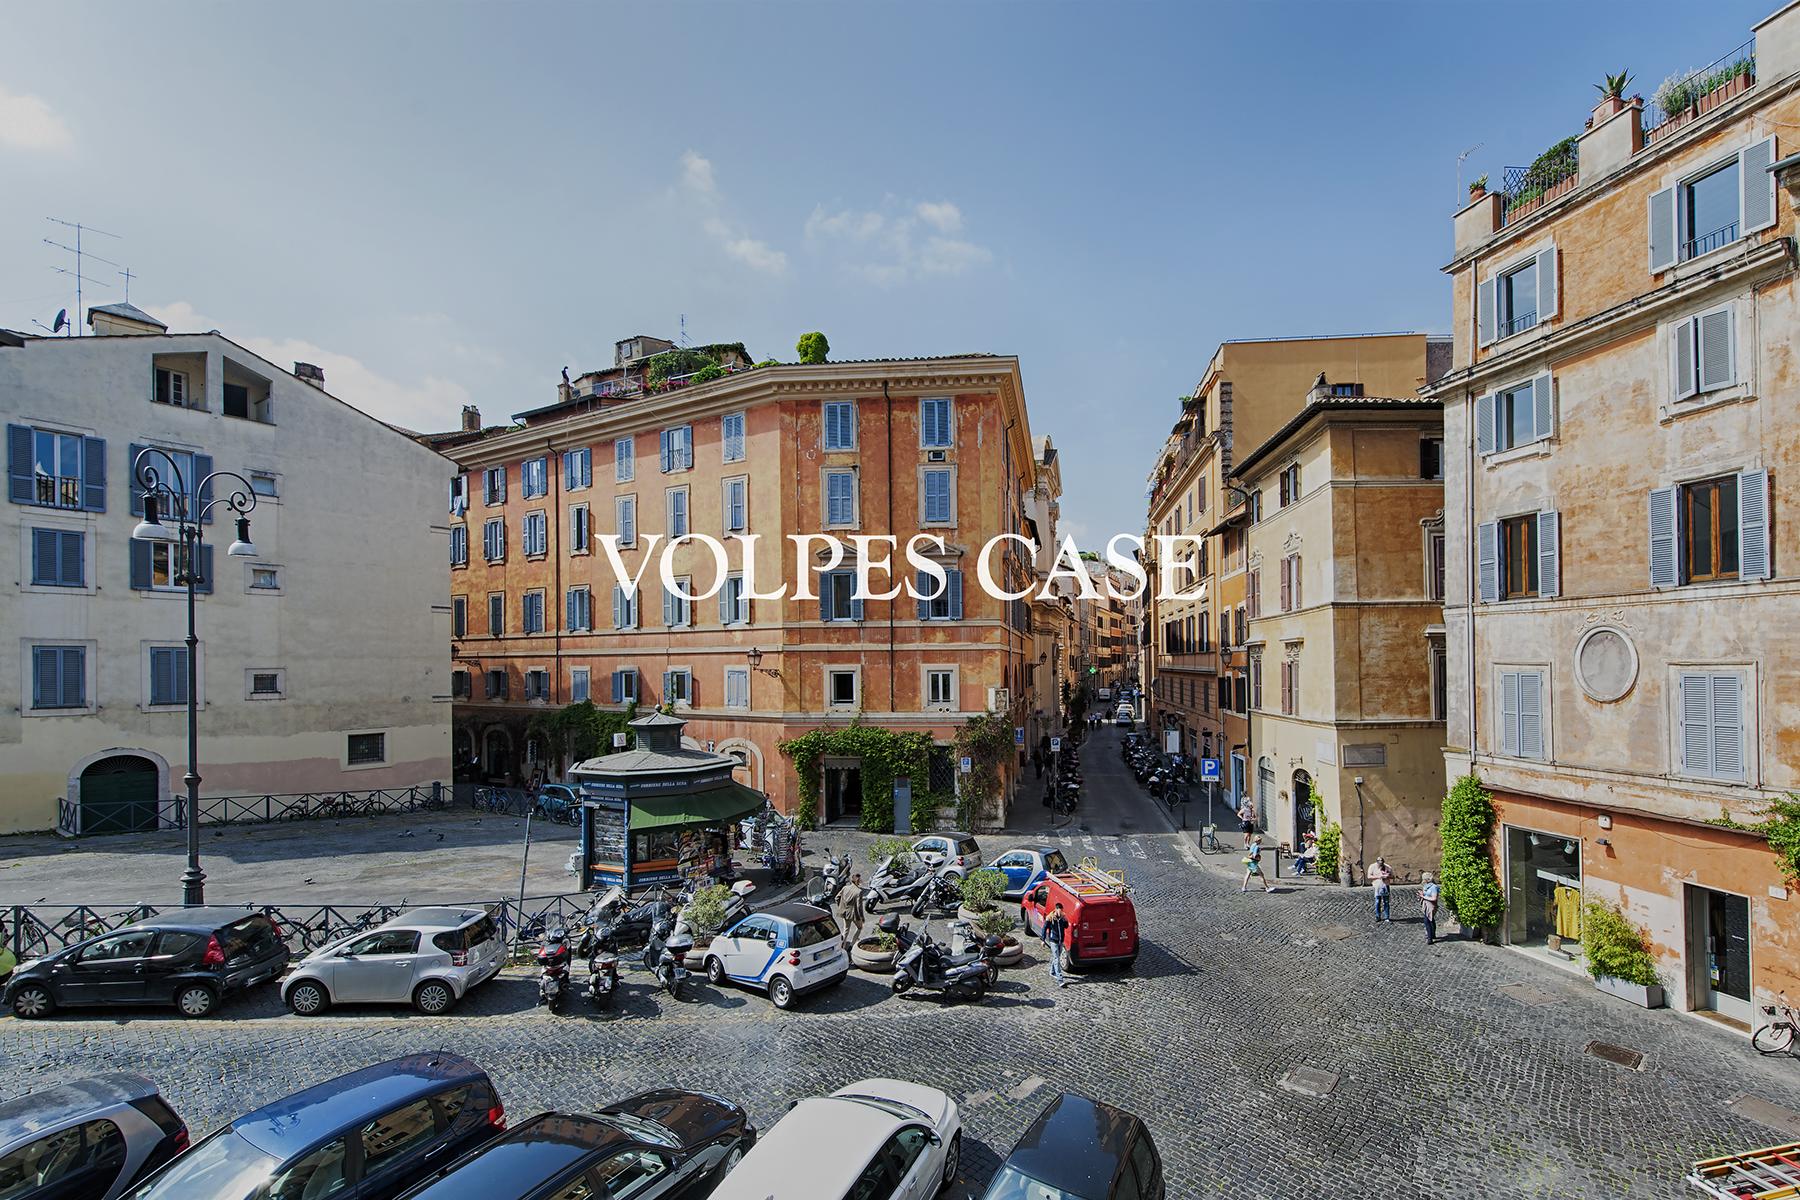 Soluzione Indipendente in vendita a Roma, 6 locali, zona Località: CentroStorico, prezzo € 2.200.000 | Cambio Casa.it